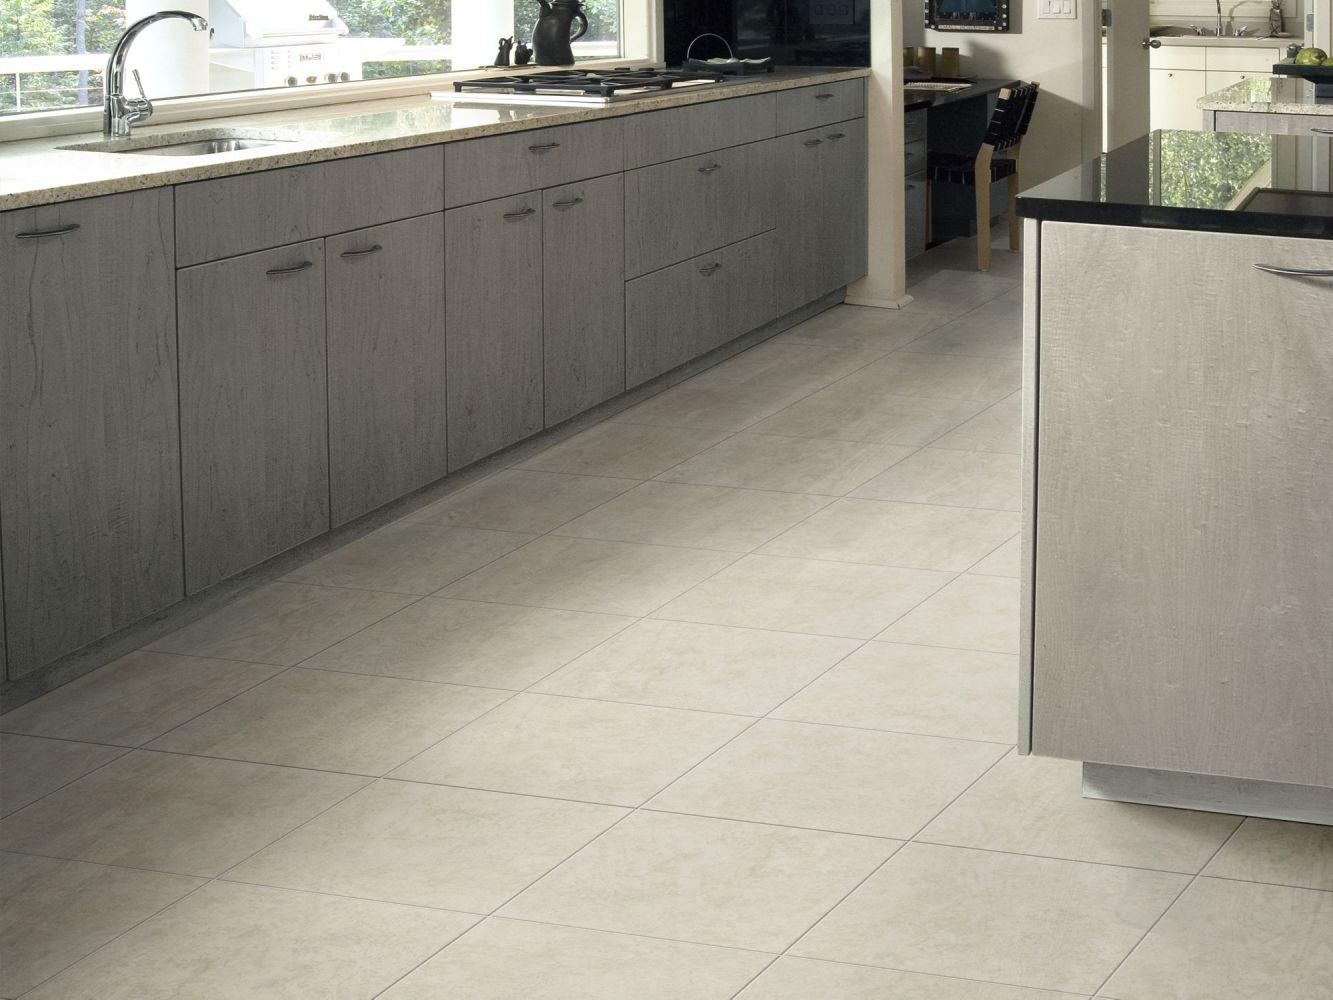 Shaw Floors Home Fn Gold Ceramic Milan 13 Latte 00200_TGK08